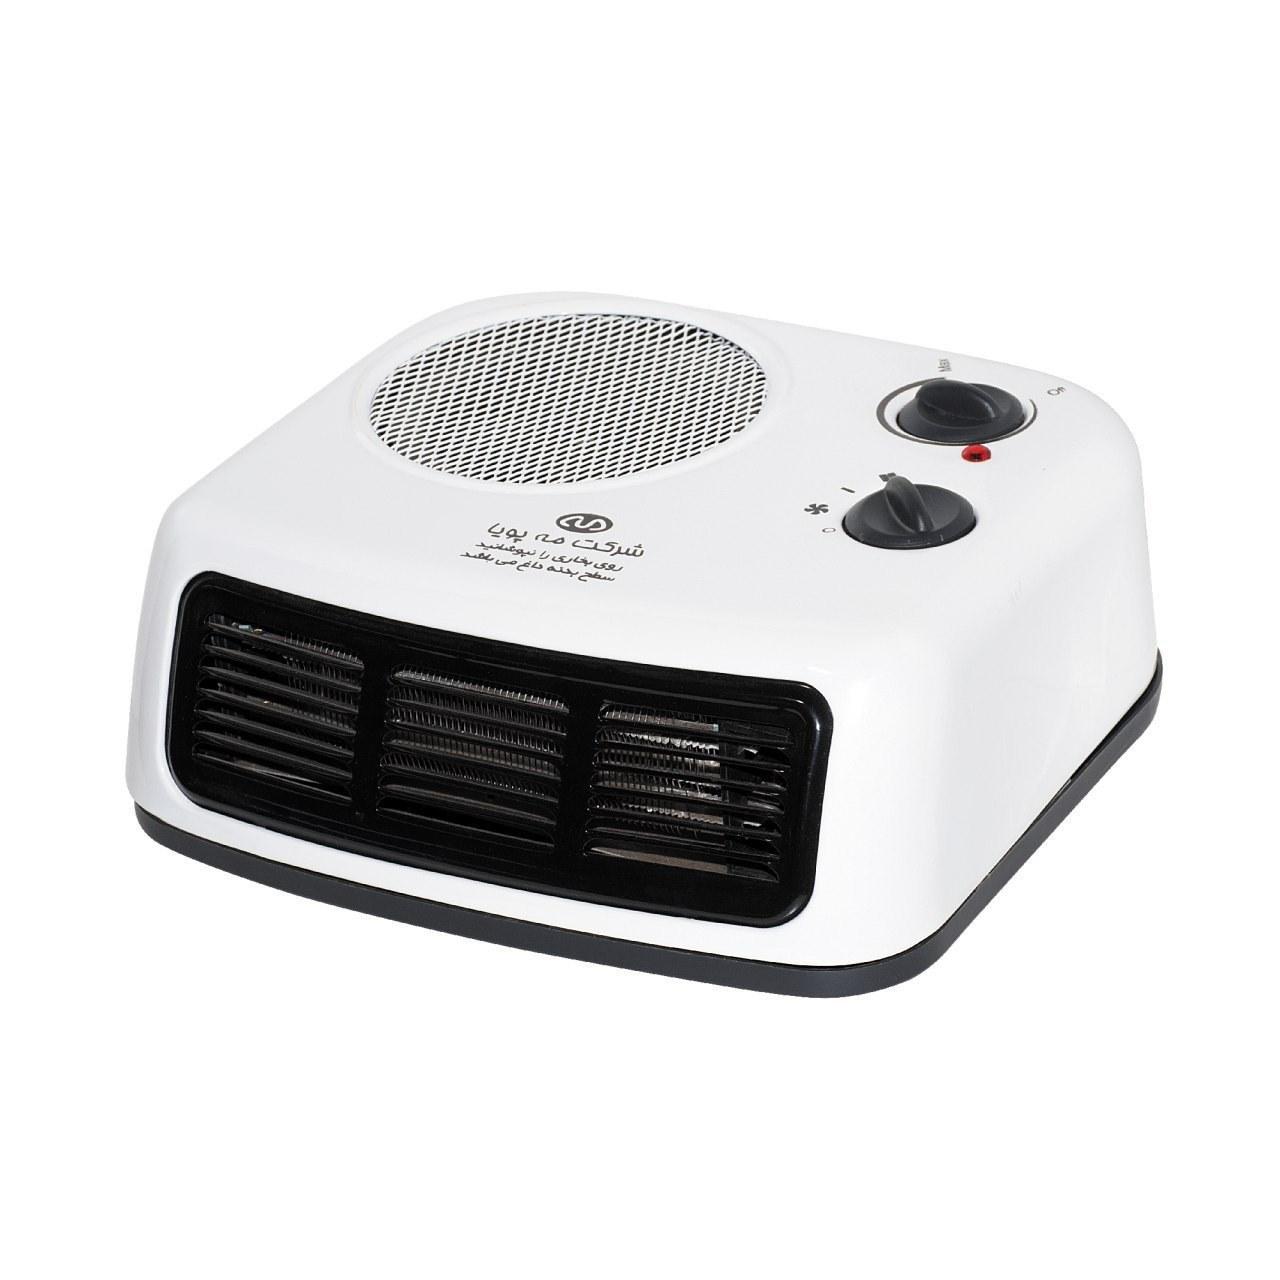 فن هیتر مه پویا مدل FH-200 | Mahpooya FH-200 Fan Heater